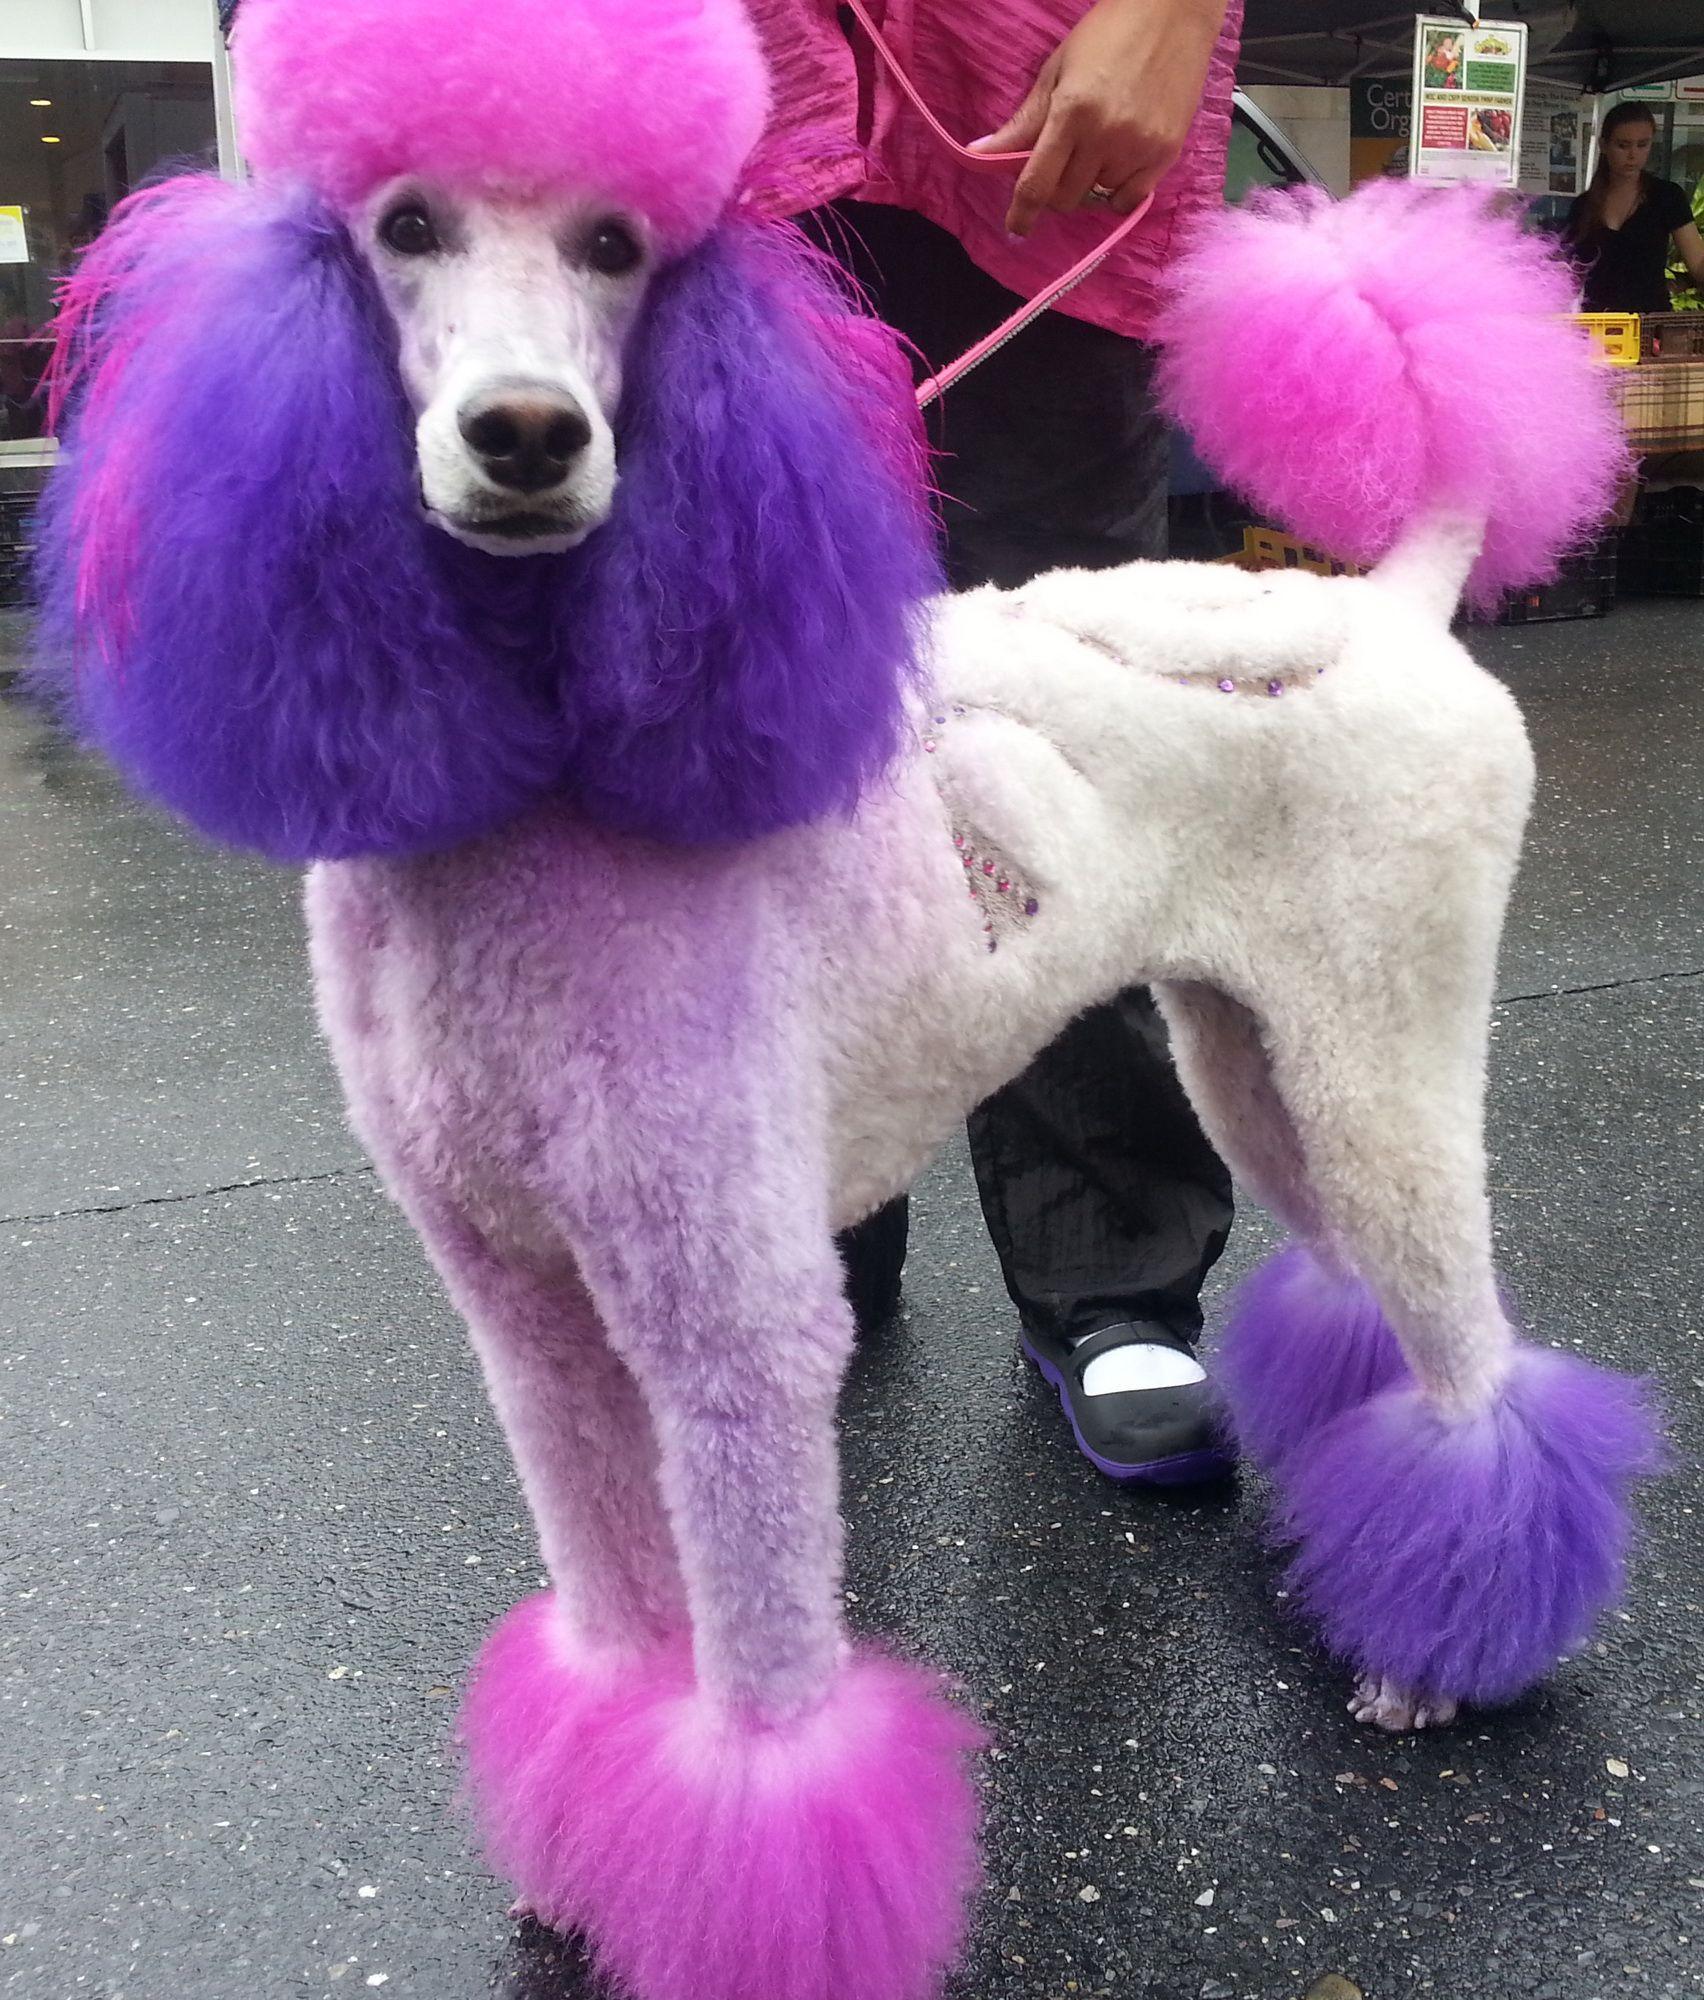 Strip Club Pink Poodle